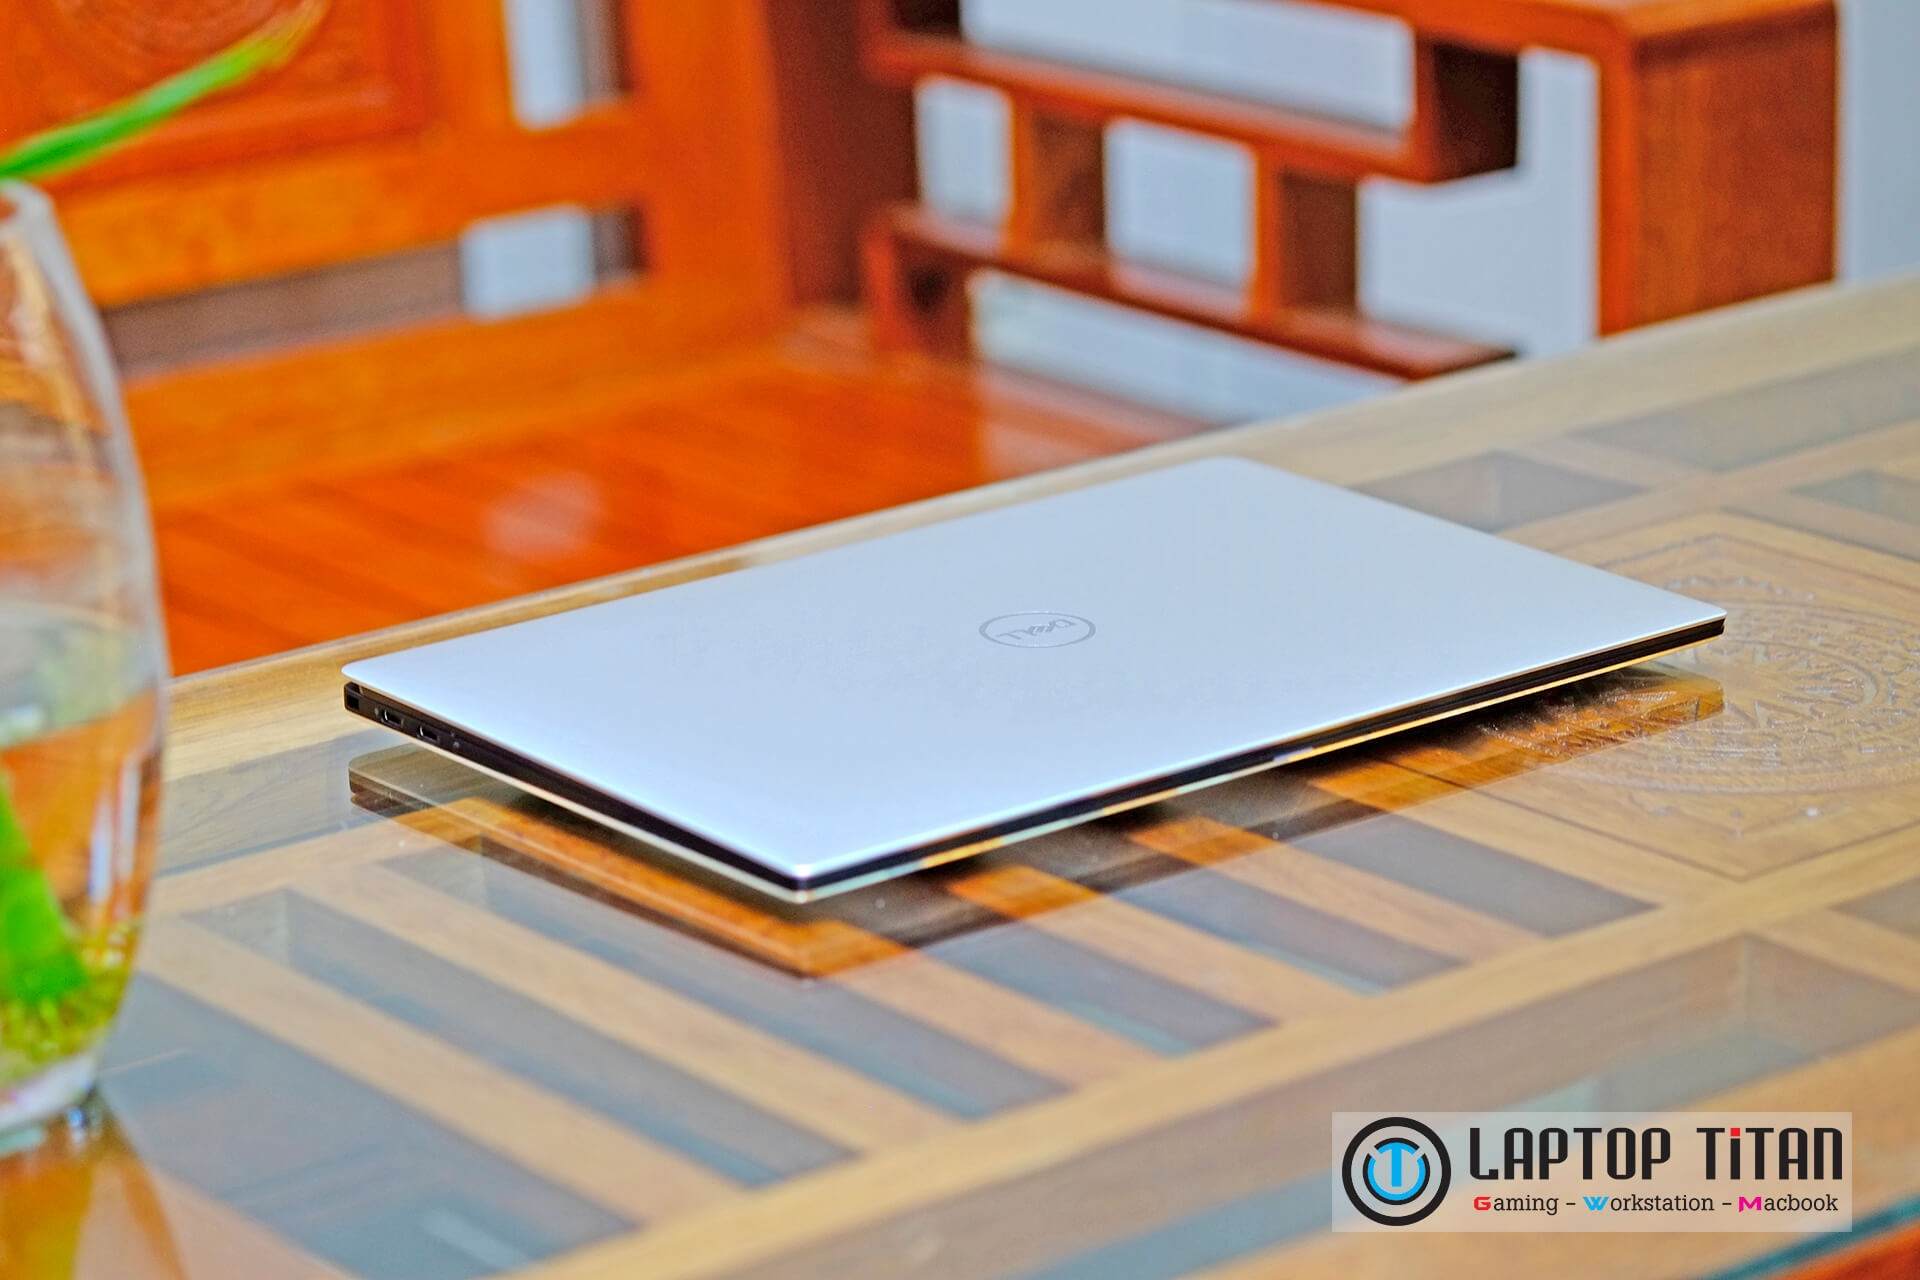 Dell Xps 13 7390 Laptoptitan 04